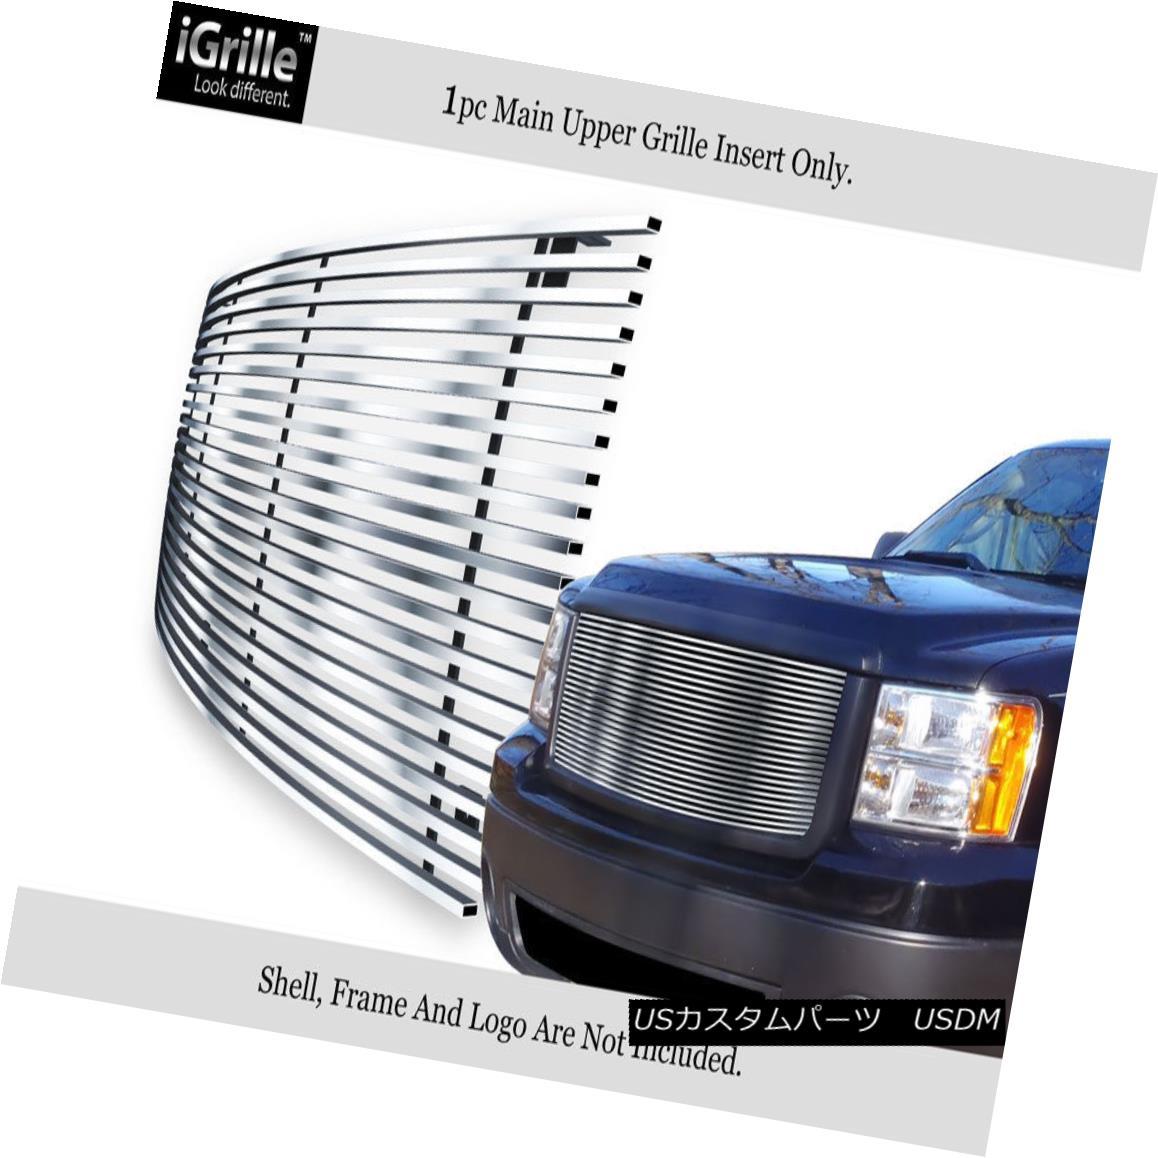 グリル Fits 2007-2013 GMC Sierra 1500 Stainless Steel Billet Grille Grill Insert 2007-2013 GMC Sierra 1500ステンレス鋼ビレットグリルグリルインサートに適合